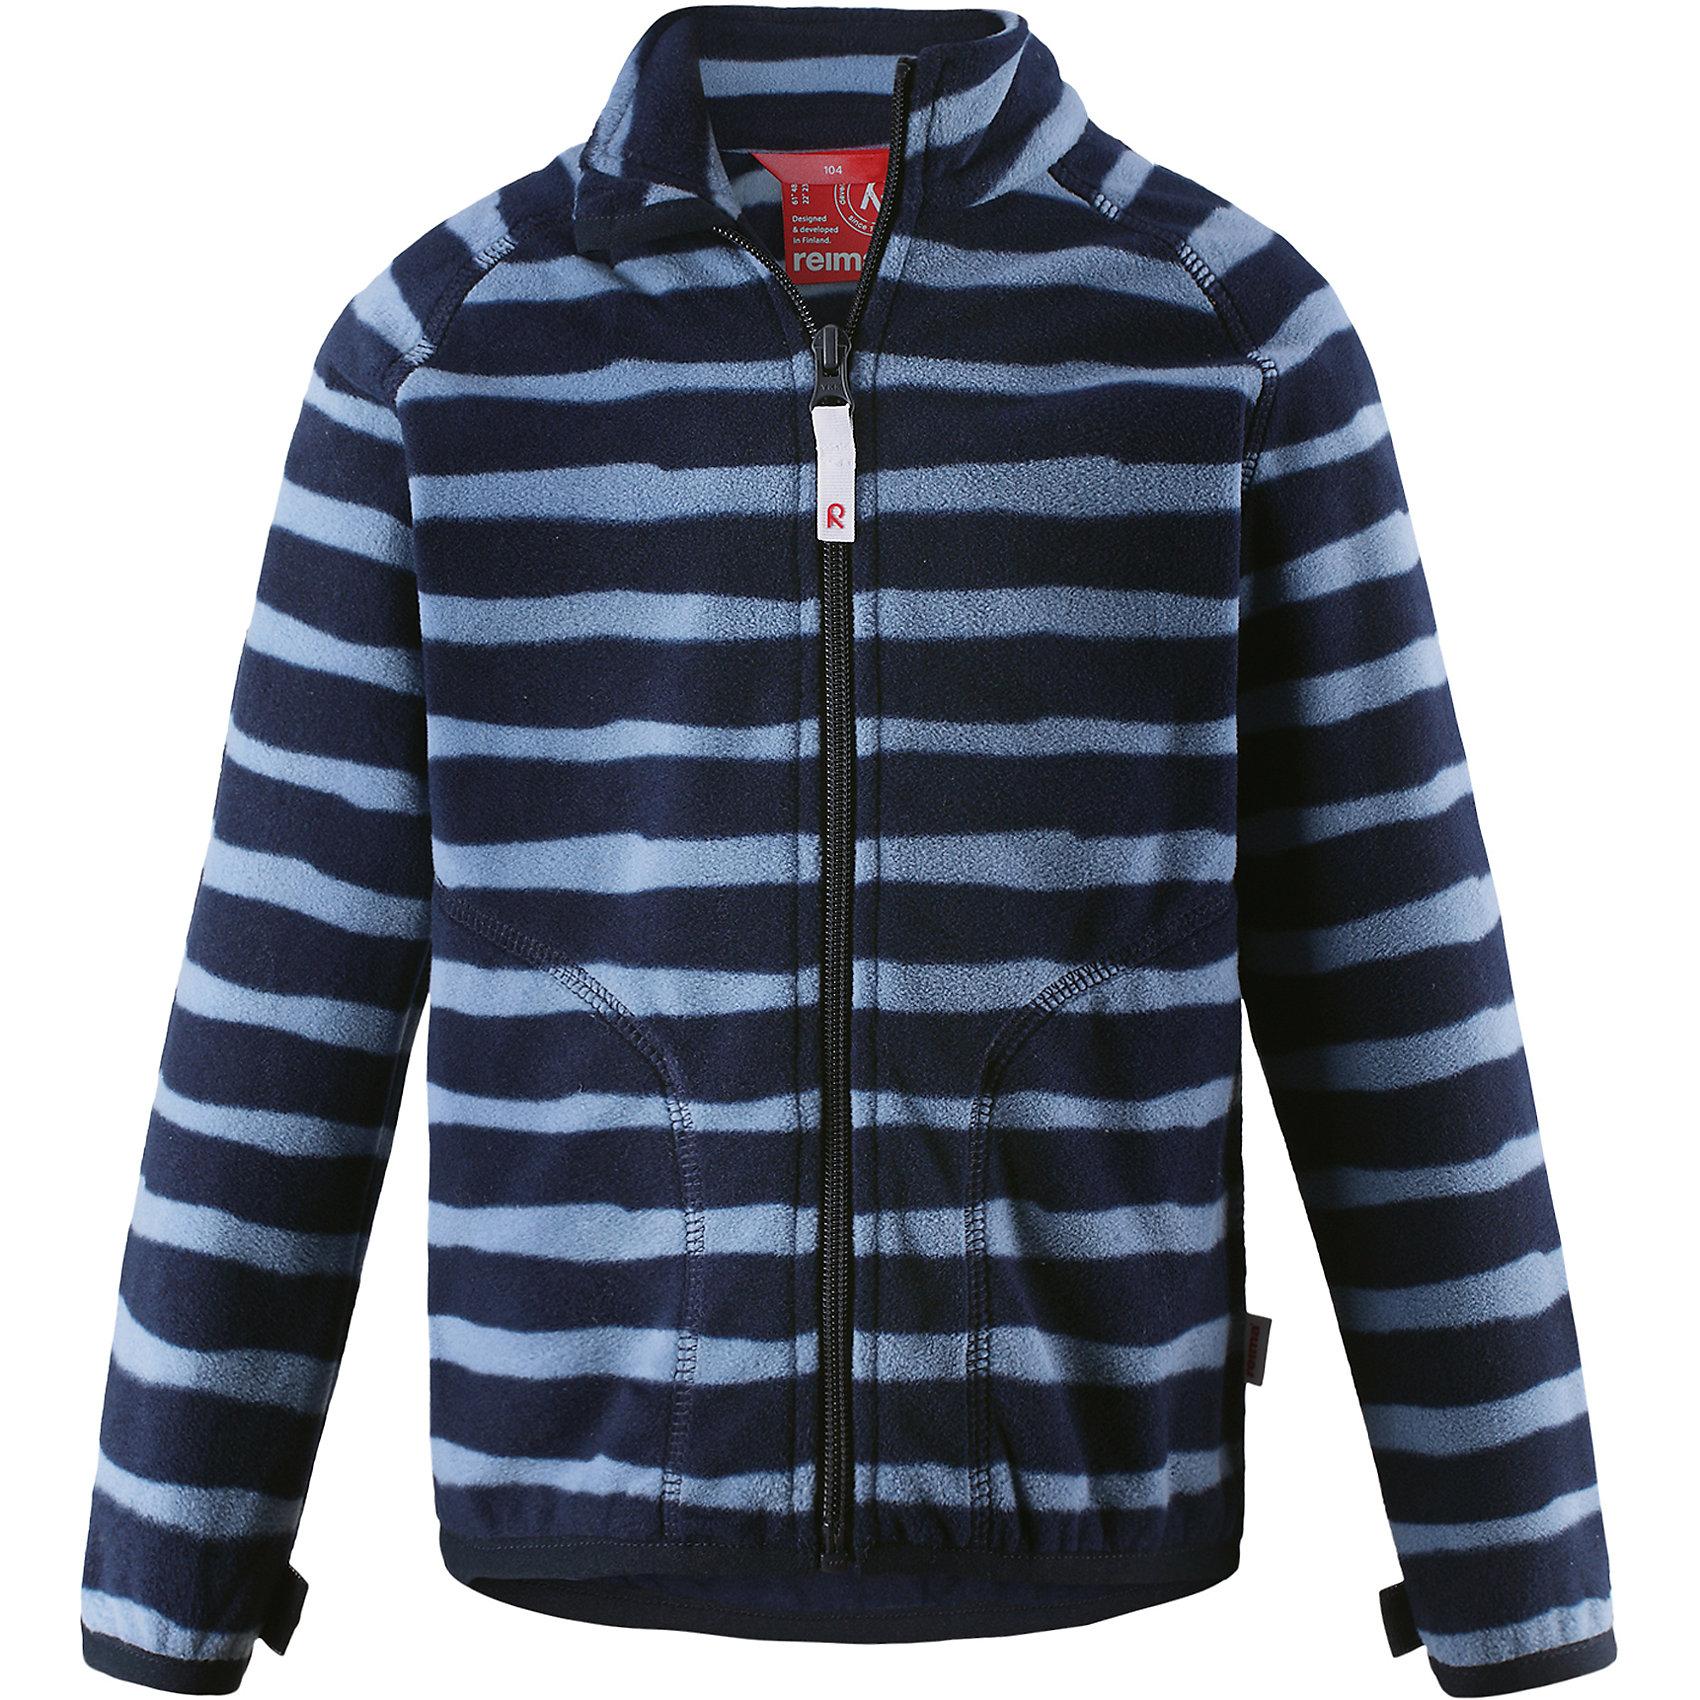 Свитер Steppe ReimaФлис и термобелье<br>Супер удобная детская флисовая куртка превосходно послужит в качестве промежуточного слоя в морозные зимние дни – она теплая и очень мягкая на ощупь. Эта куртка изготовлена из легкого полярного флиса, дышащего и быстросохнущего материала. Молния во всю длину облегчает надевание, а защита для подбородка не дает поцарапать молнией шею и подбородок. Эту практичную флисовую куртку легко можно пристегнуть к любой верхней одежде Reima®, оснащенной системой кнопок Play Layers®. Два боковых кармана и украшение в виде яркого рисунка.<br>Состав:<br>100% Полиэстер<br><br>Ширина мм: 190<br>Глубина мм: 74<br>Высота мм: 229<br>Вес г: 236<br>Цвет: синий<br>Возраст от месяцев: 108<br>Возраст до месяцев: 120<br>Пол: Унисекс<br>Возраст: Детский<br>Размер: 140,92,98,104,110,116,122,128,134<br>SKU: 6901969